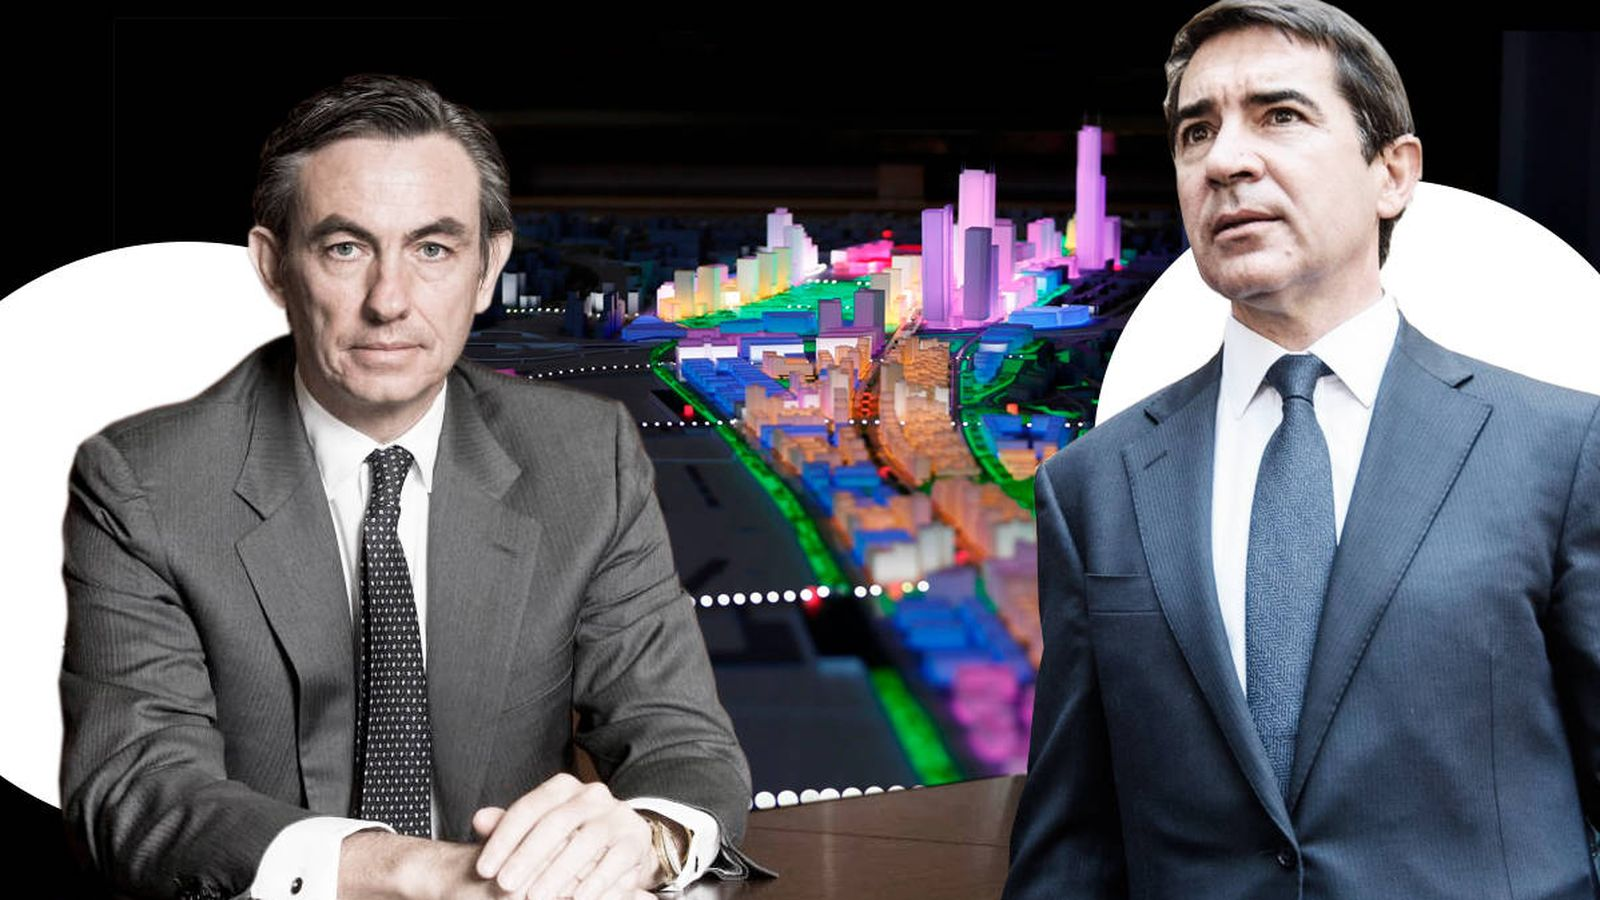 Foto: Álvaro Aresti y Carlos Torres (d). (Imagen: EC)